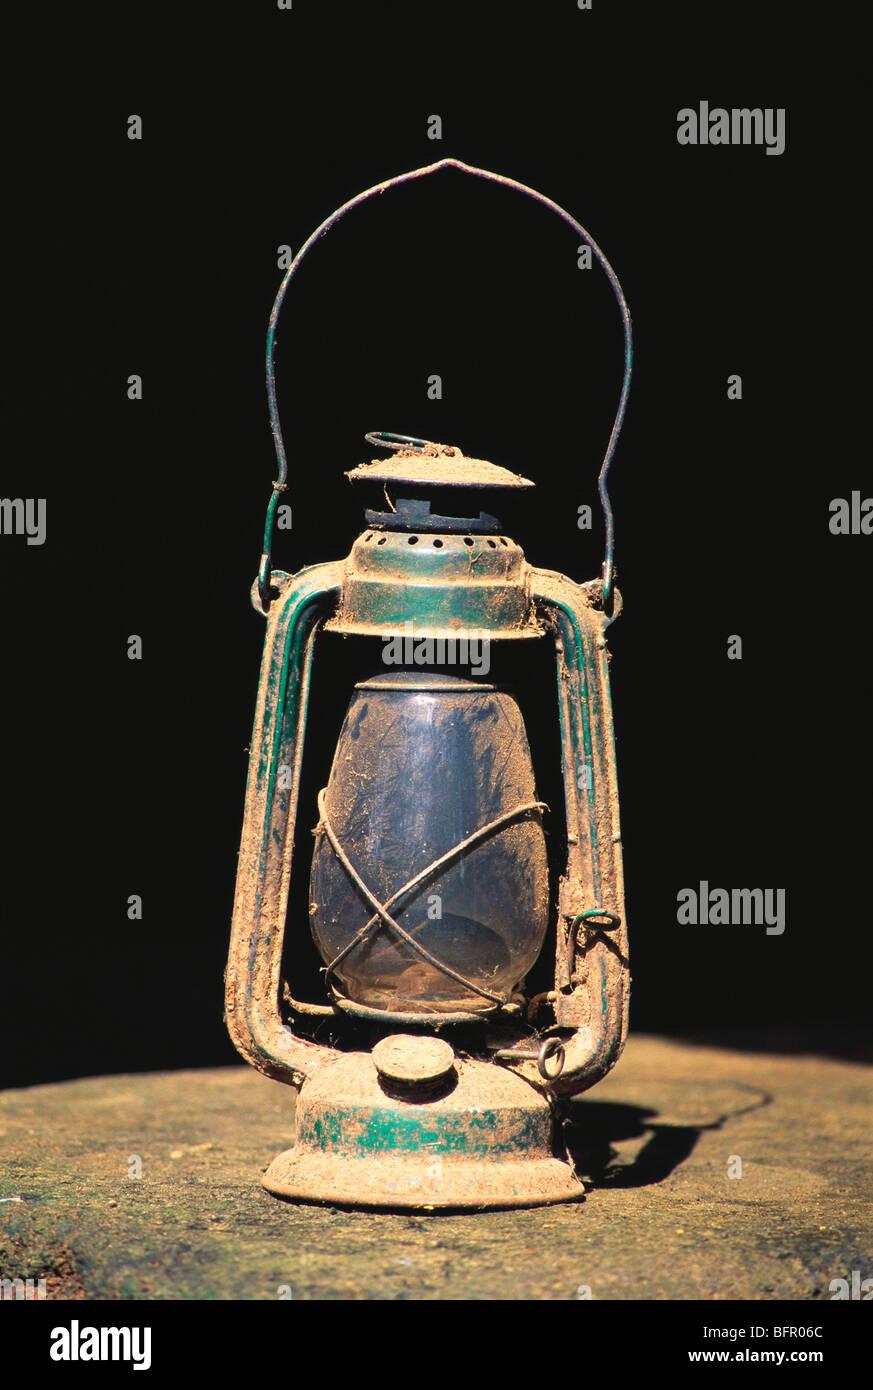 MBT 66980 : Lantern kerosene lamp ; Kudal ; Maharashtra ; India - Stock Image